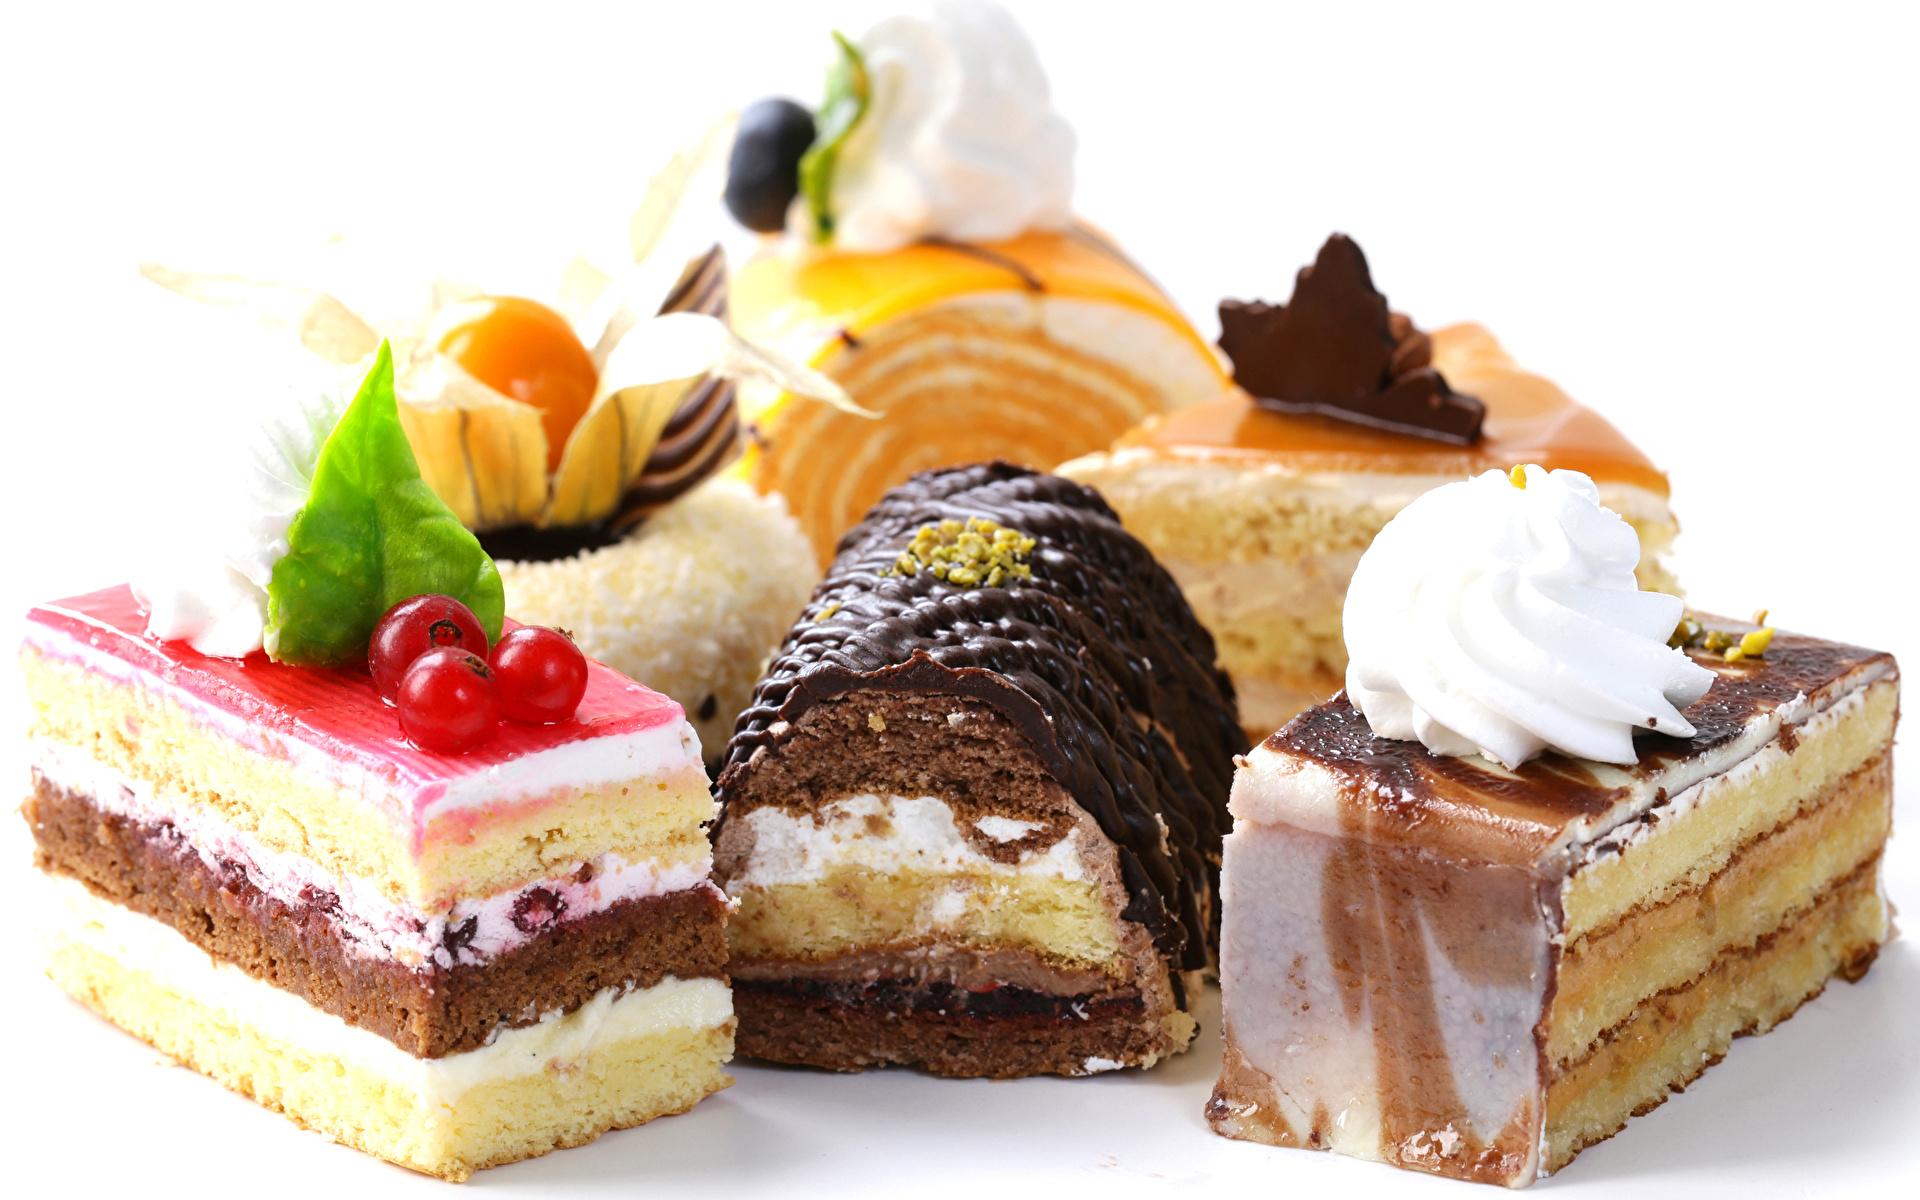 Фото Шоколад Пища Сладости Пирожное Белый фон Дизайн 1920x1200 Еда Продукты питания